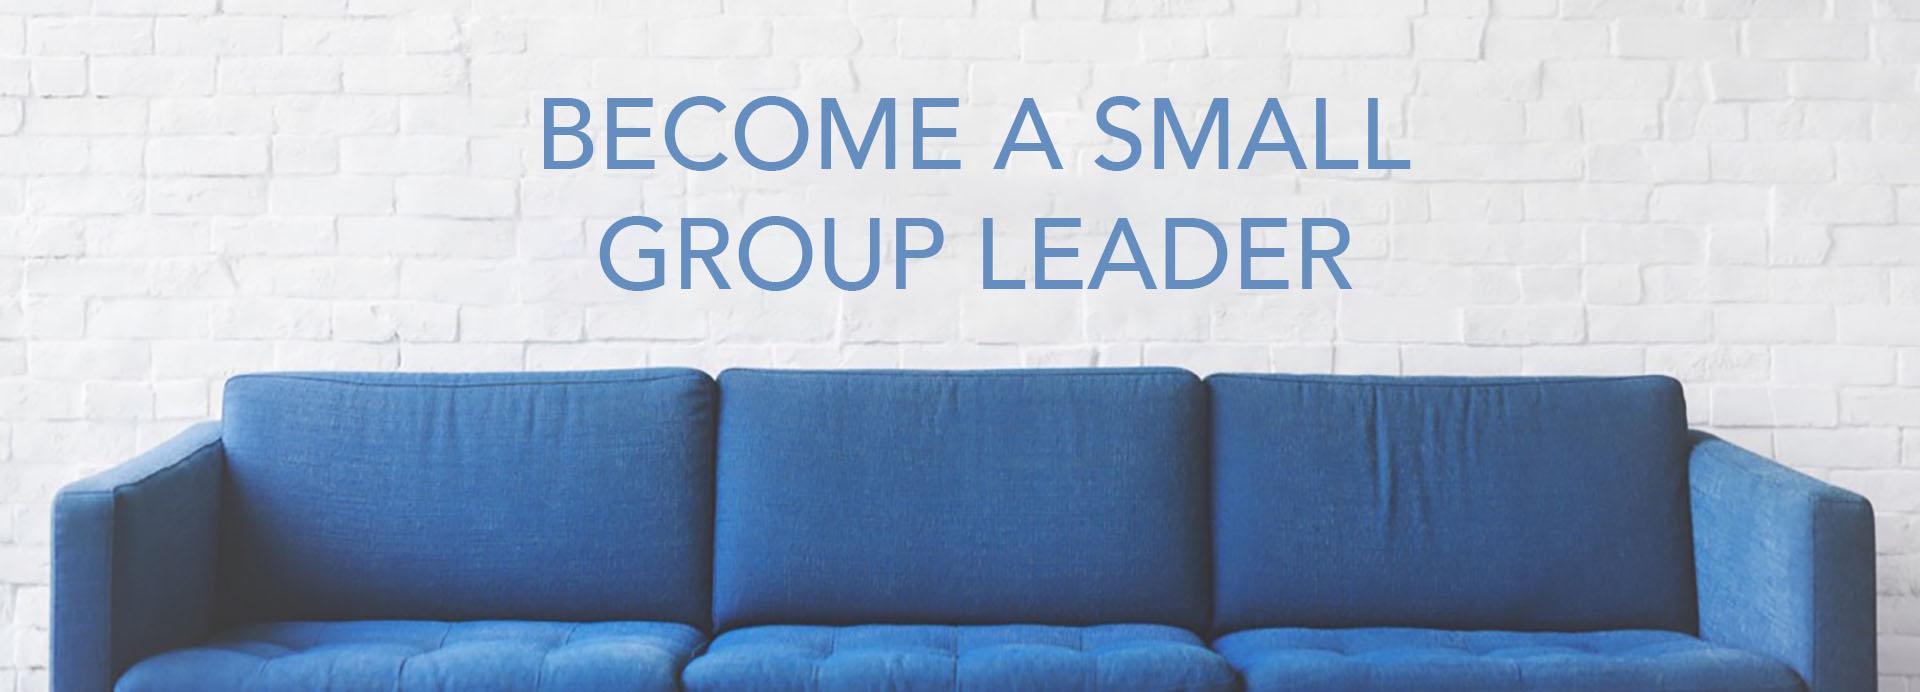 Small Group Leader Banner.jpg